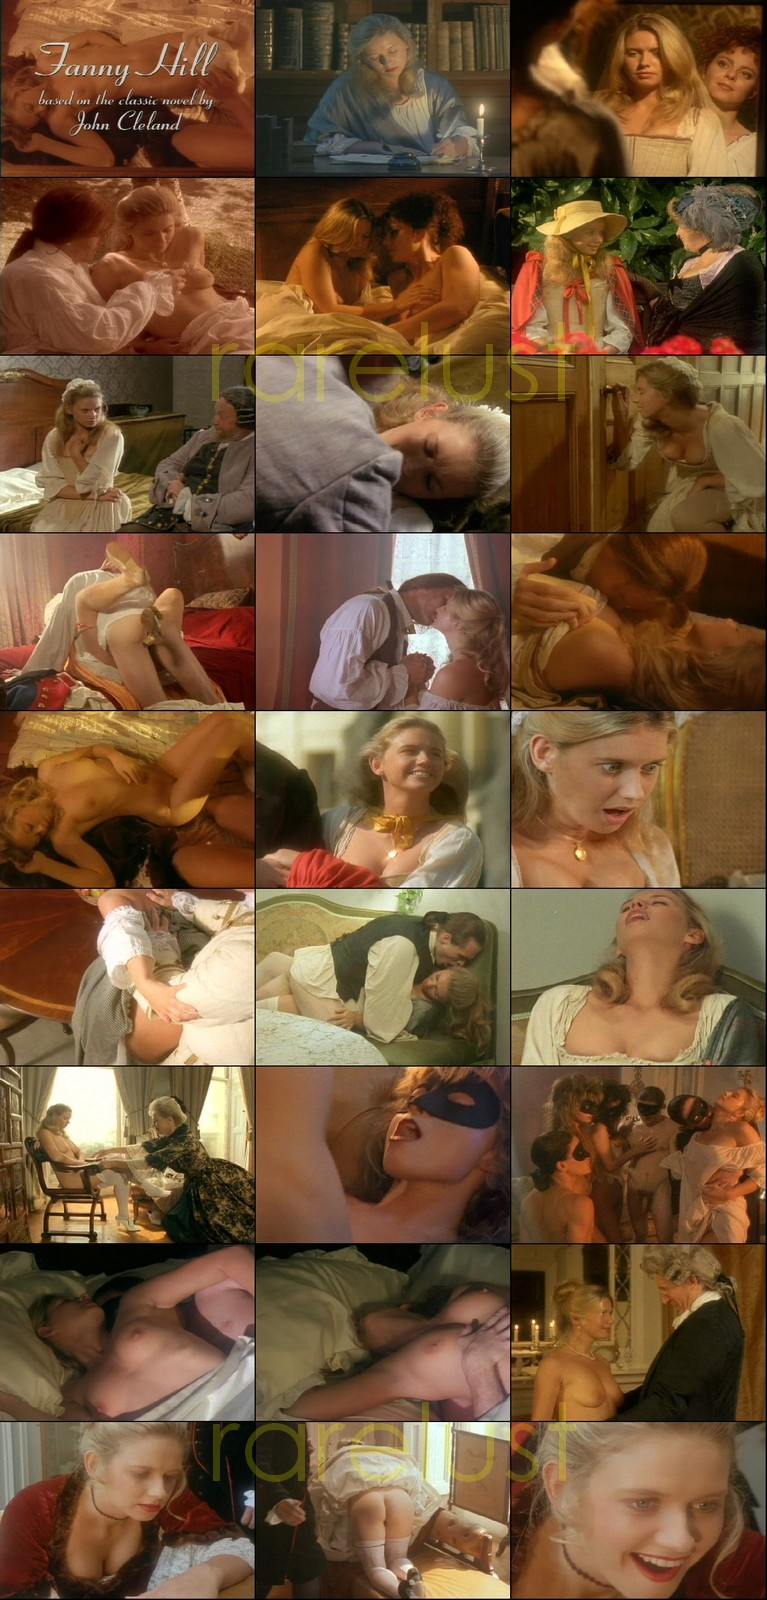 Fanny Hill.cap